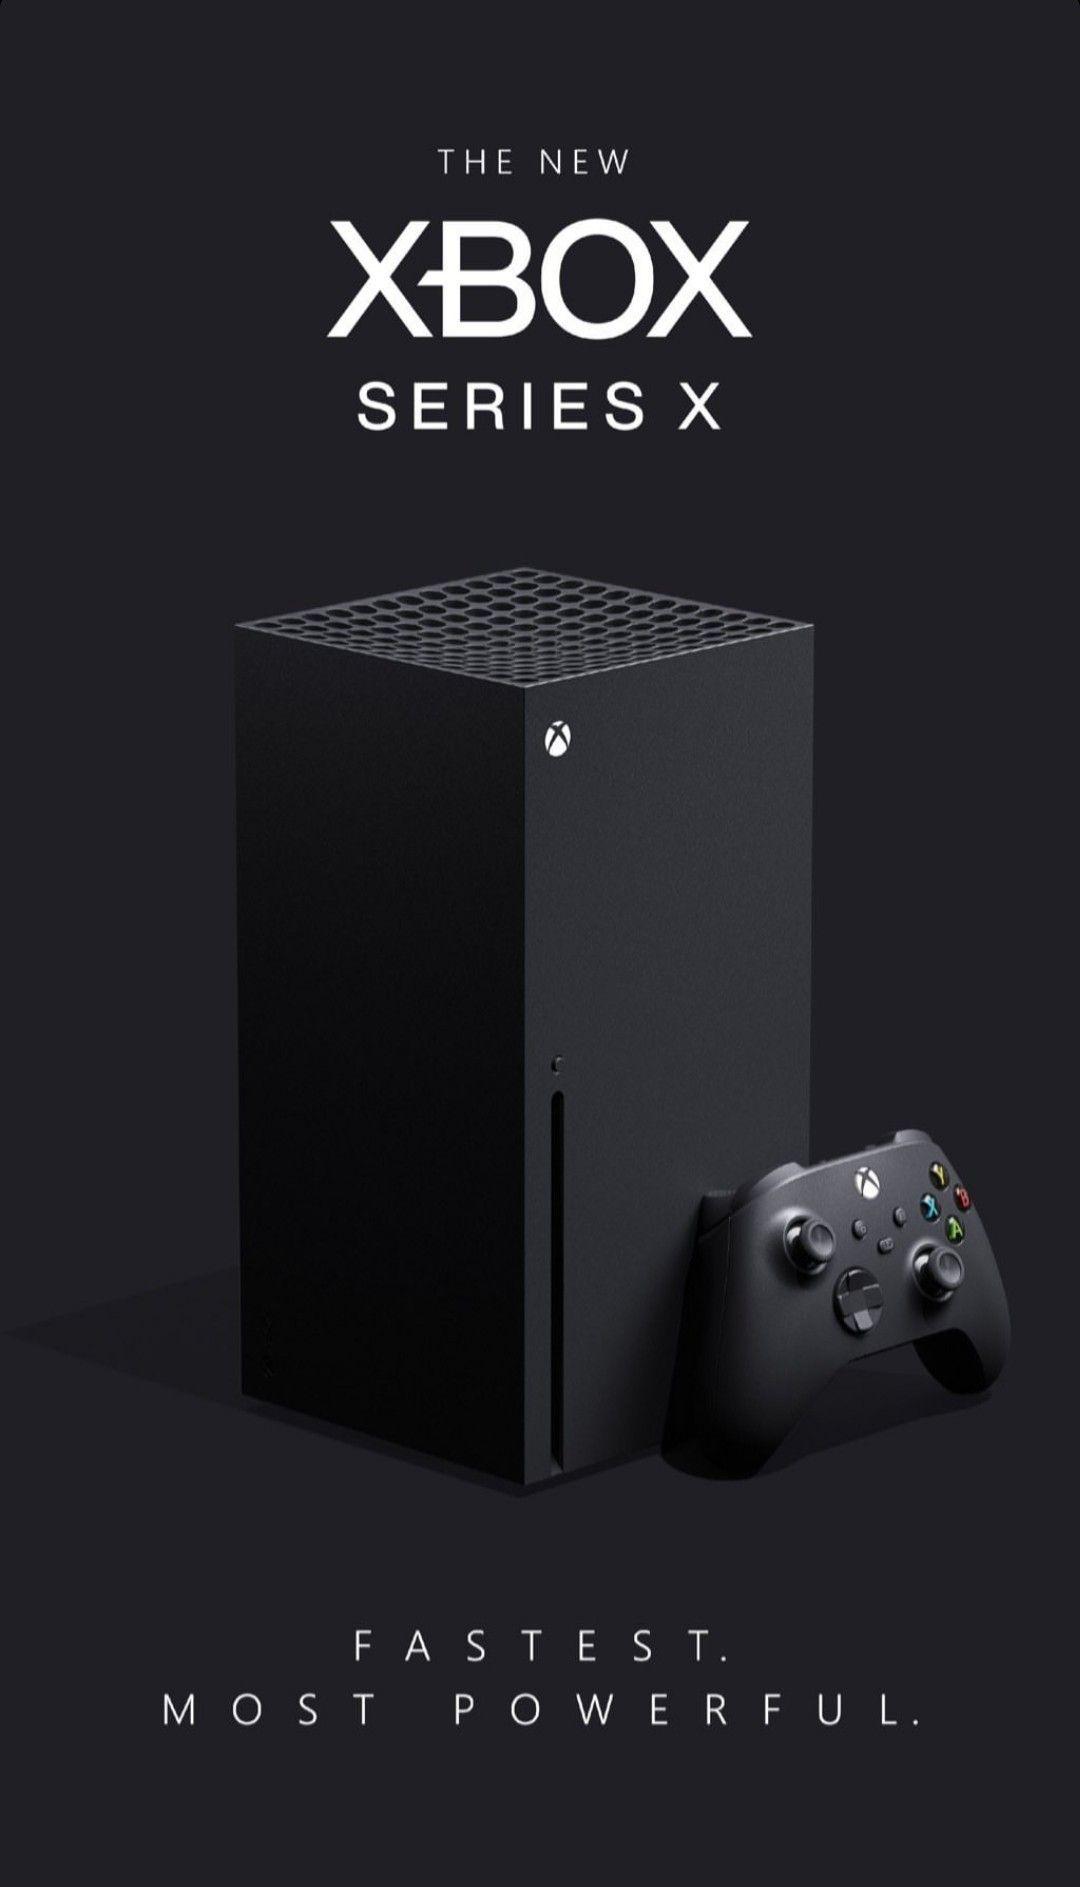 O novo Xbox Series X em 2020 Consoles de videogame